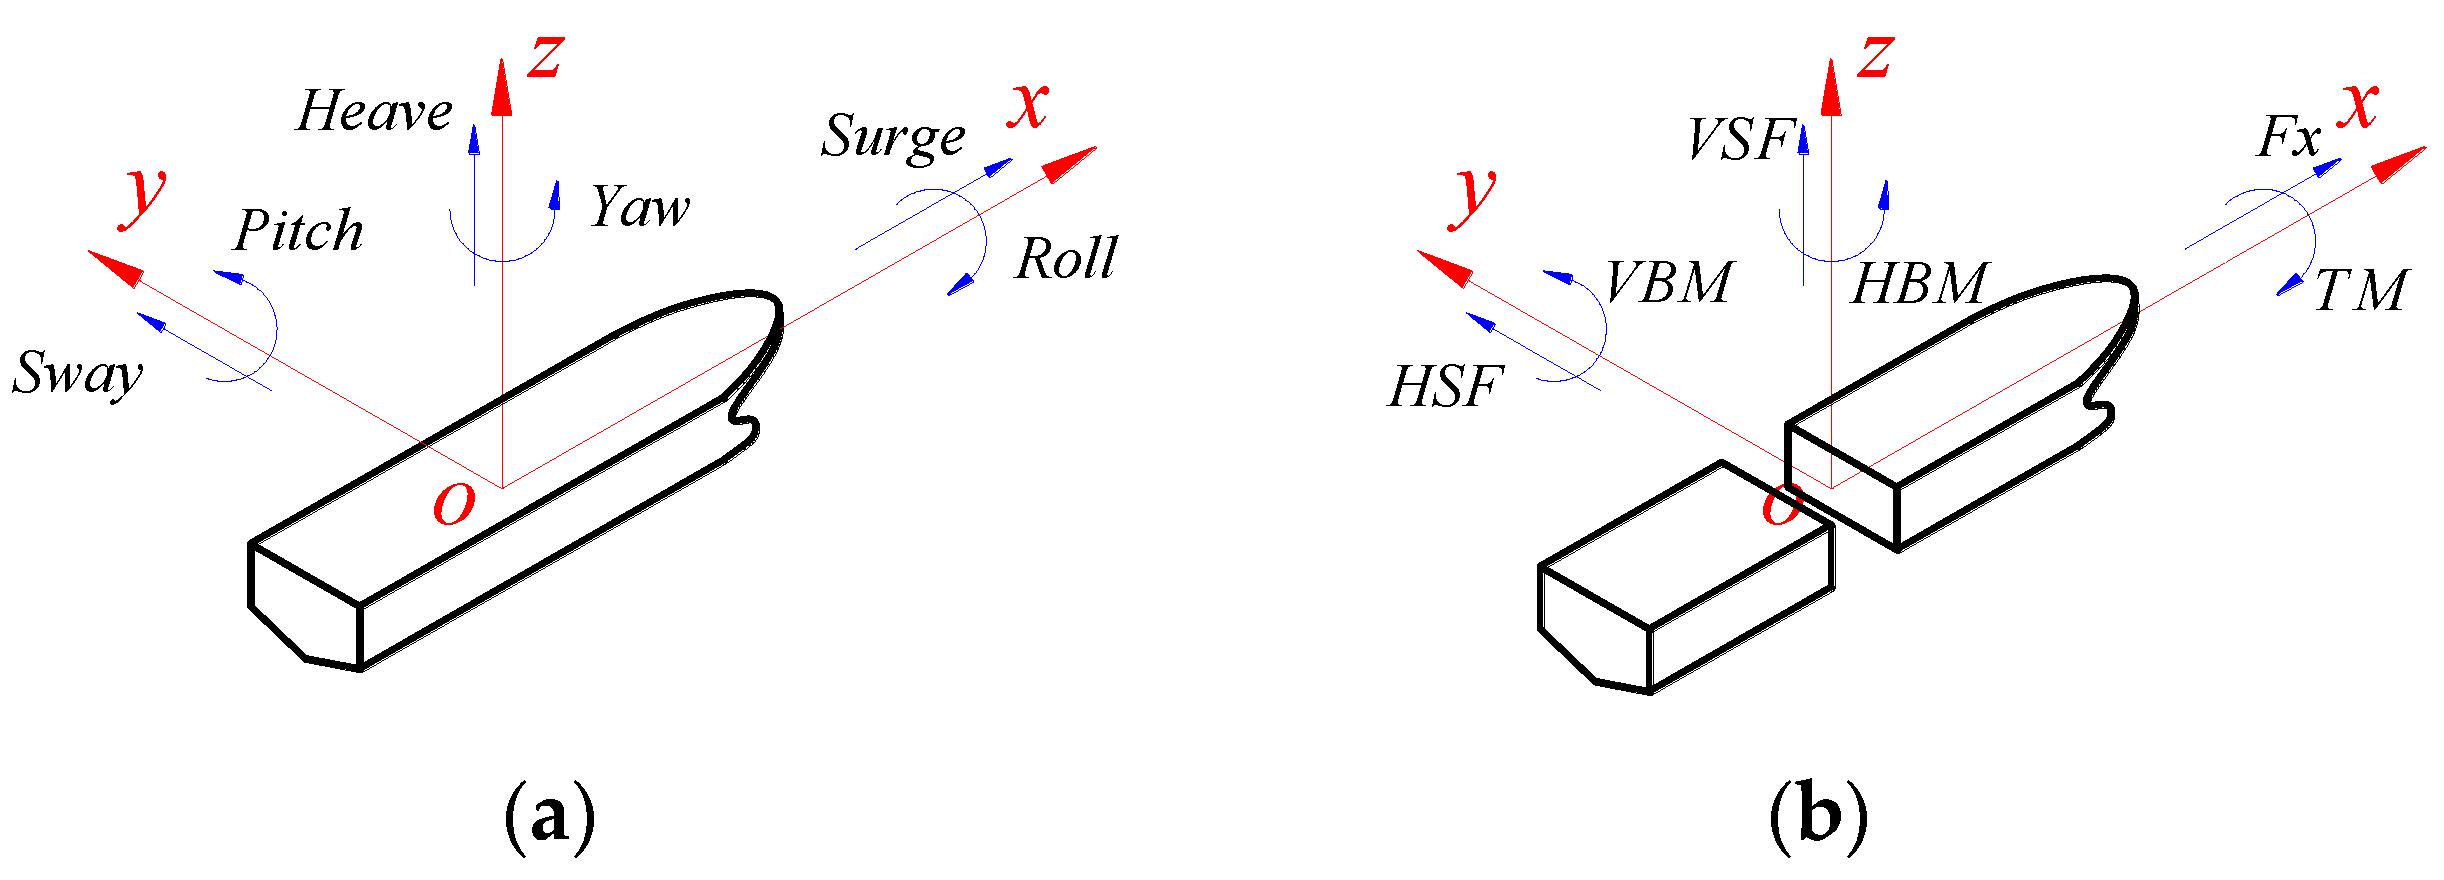 Garmin Striker 4 Wiring Diagram